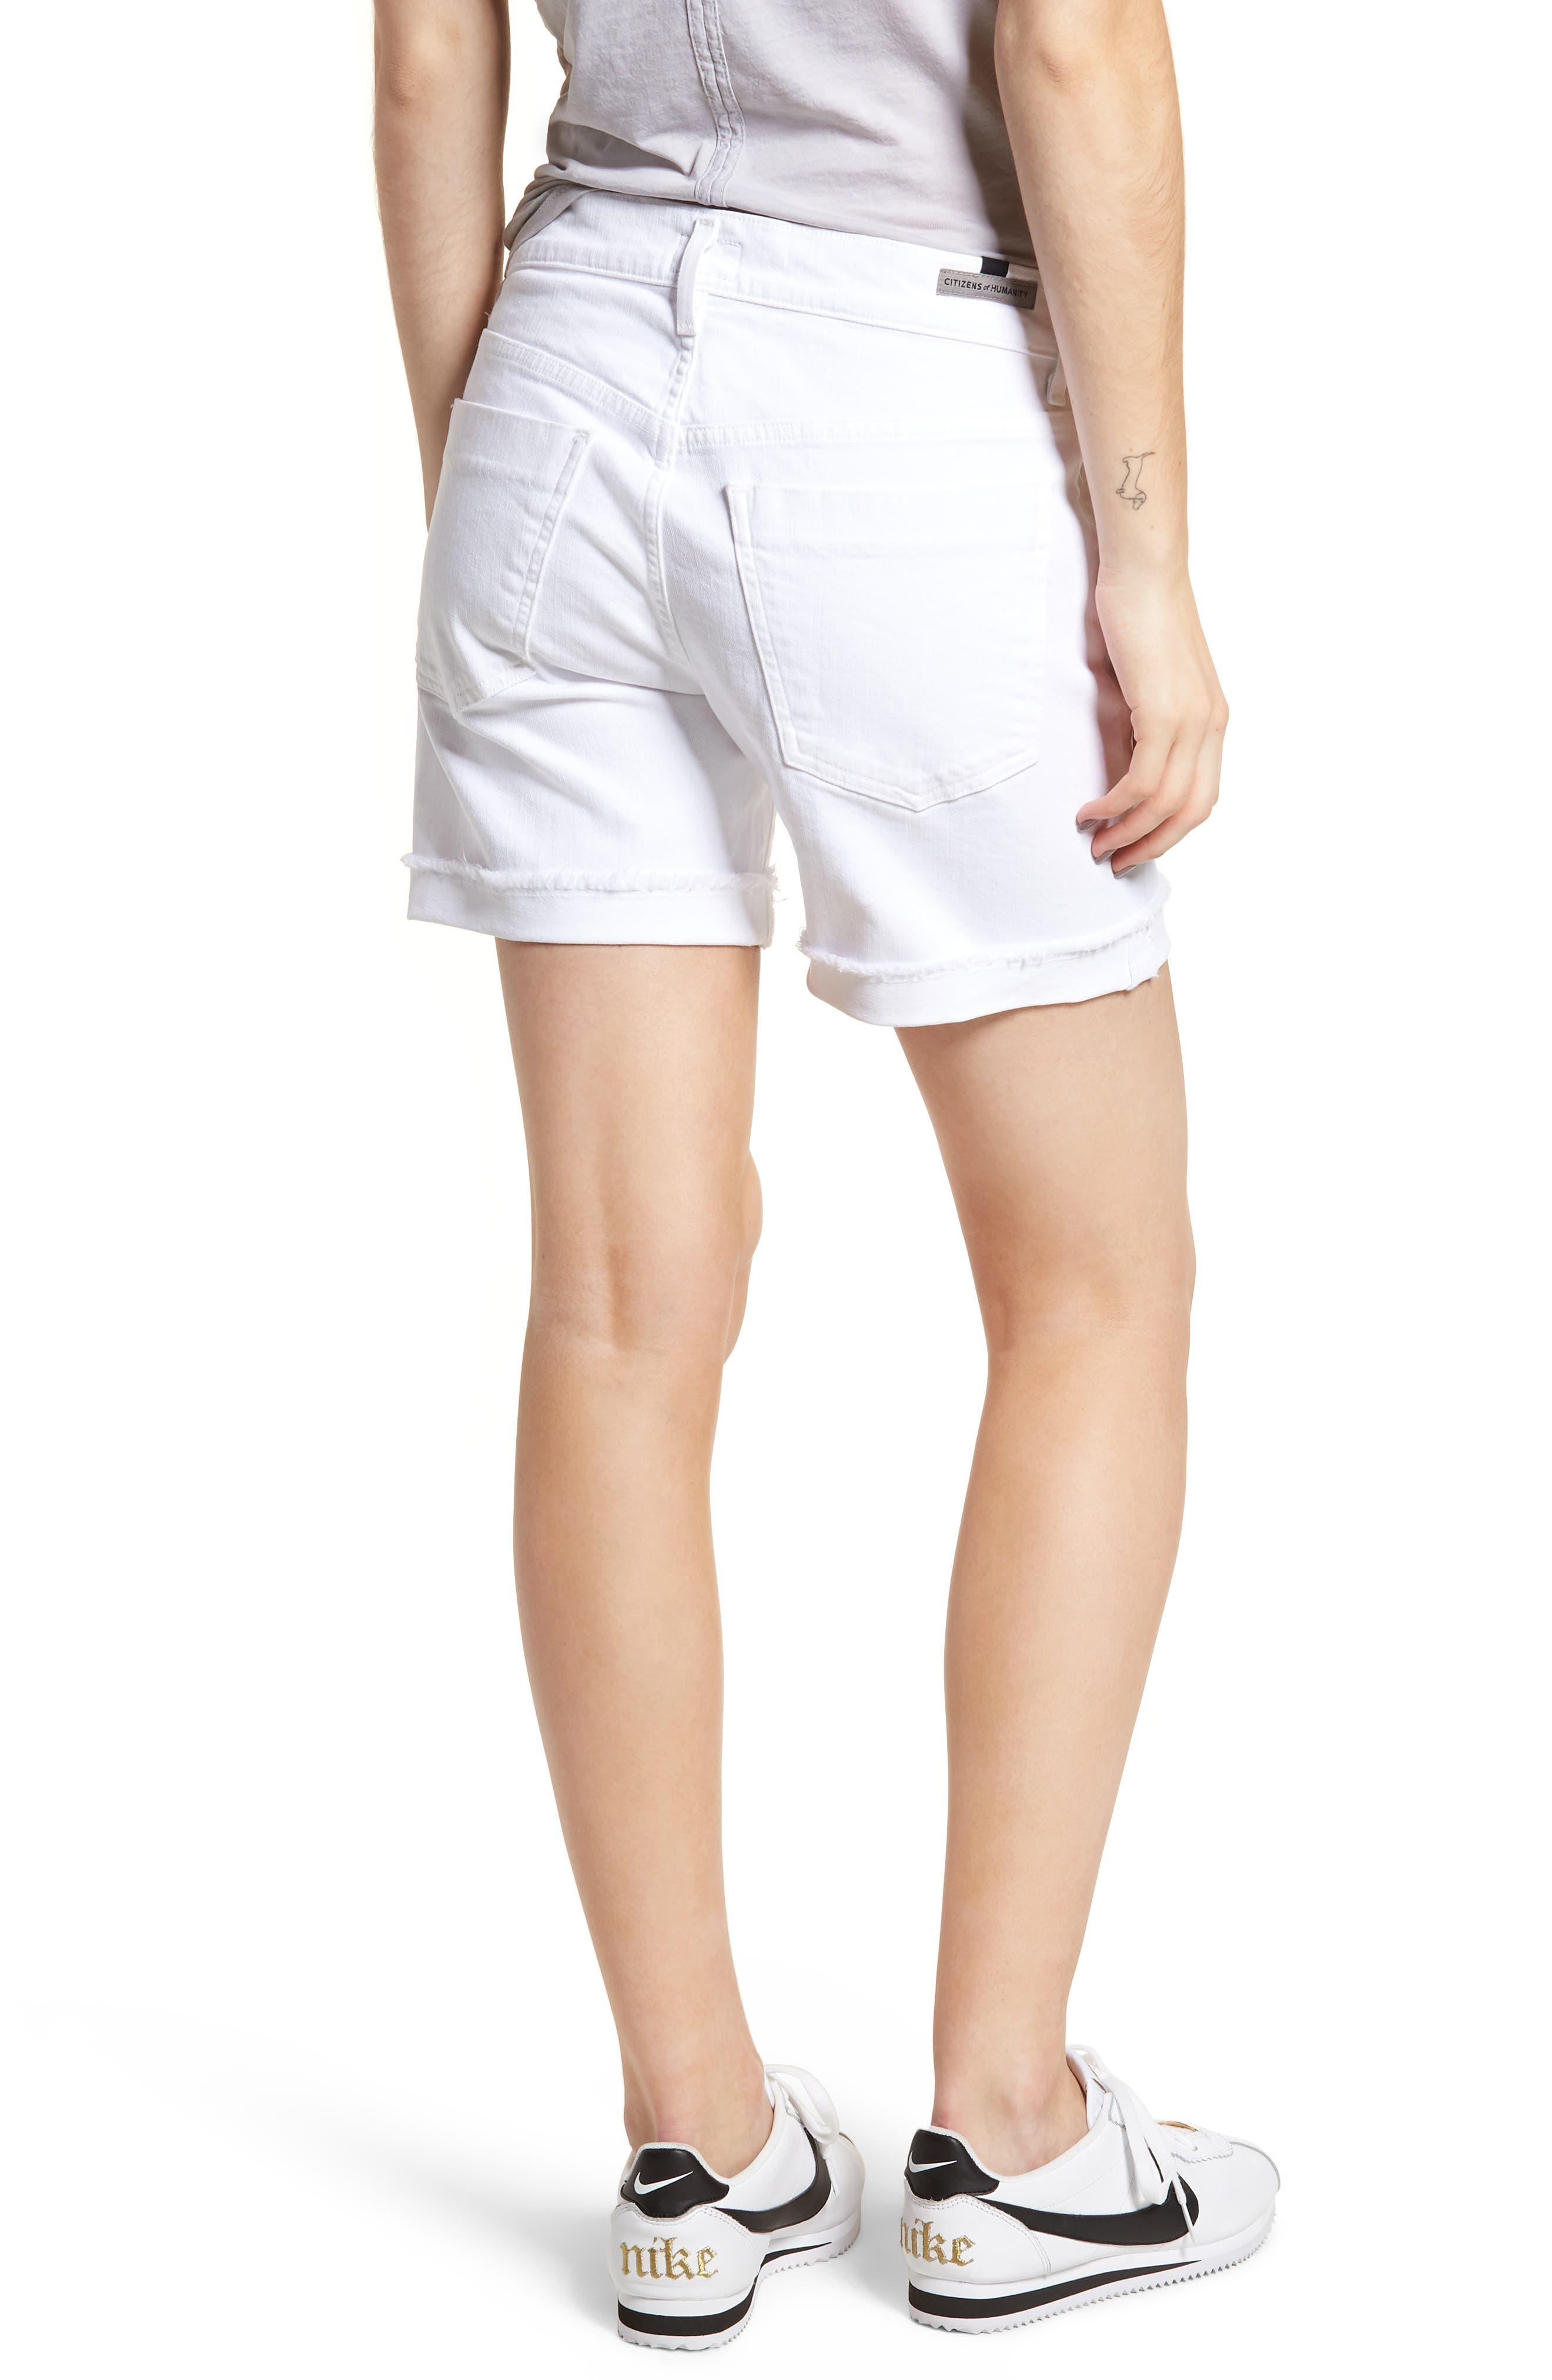 Skyler Denim Shorts,                             Alternate thumbnail 2, color,                             Optic White